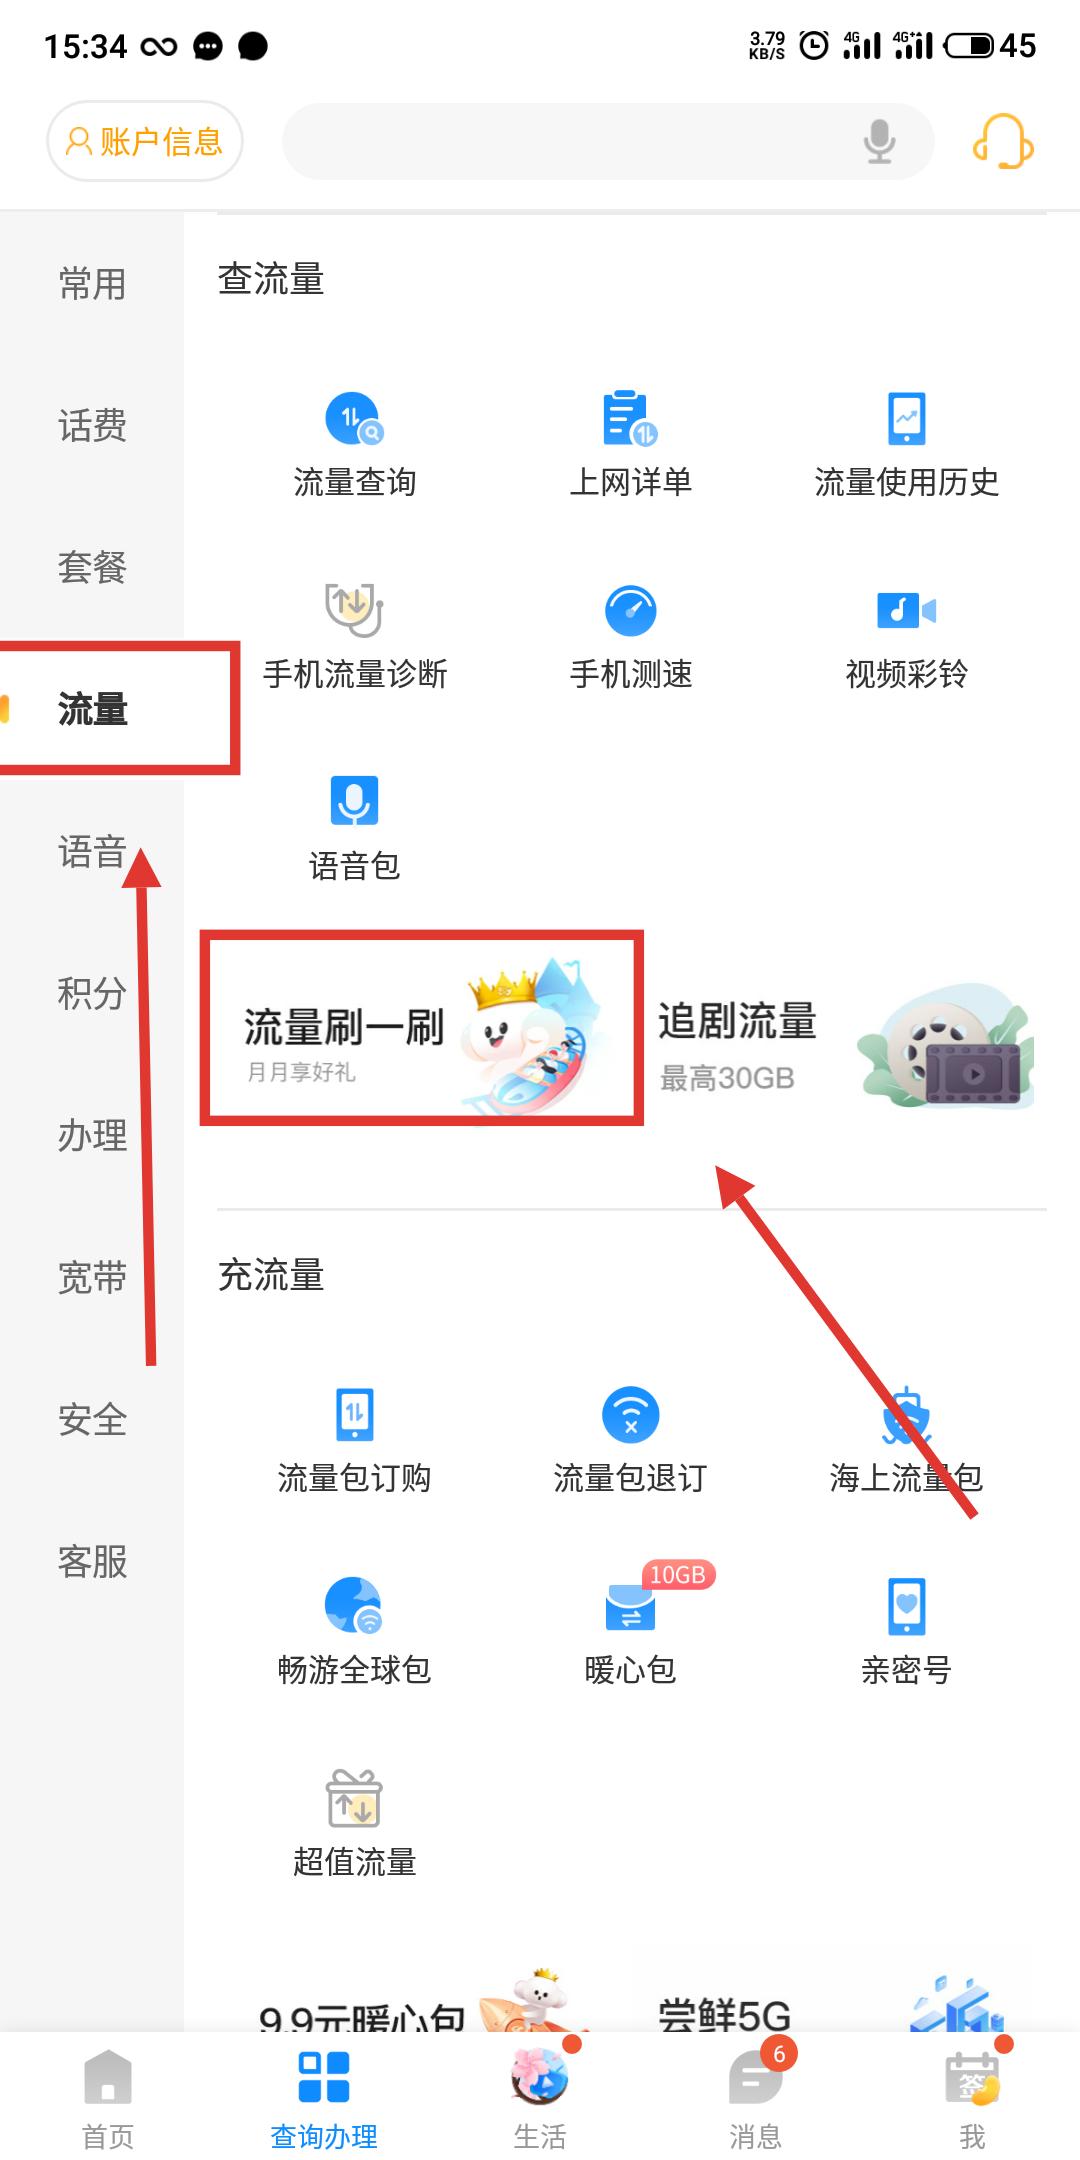 中国电信app领话费流量,大水